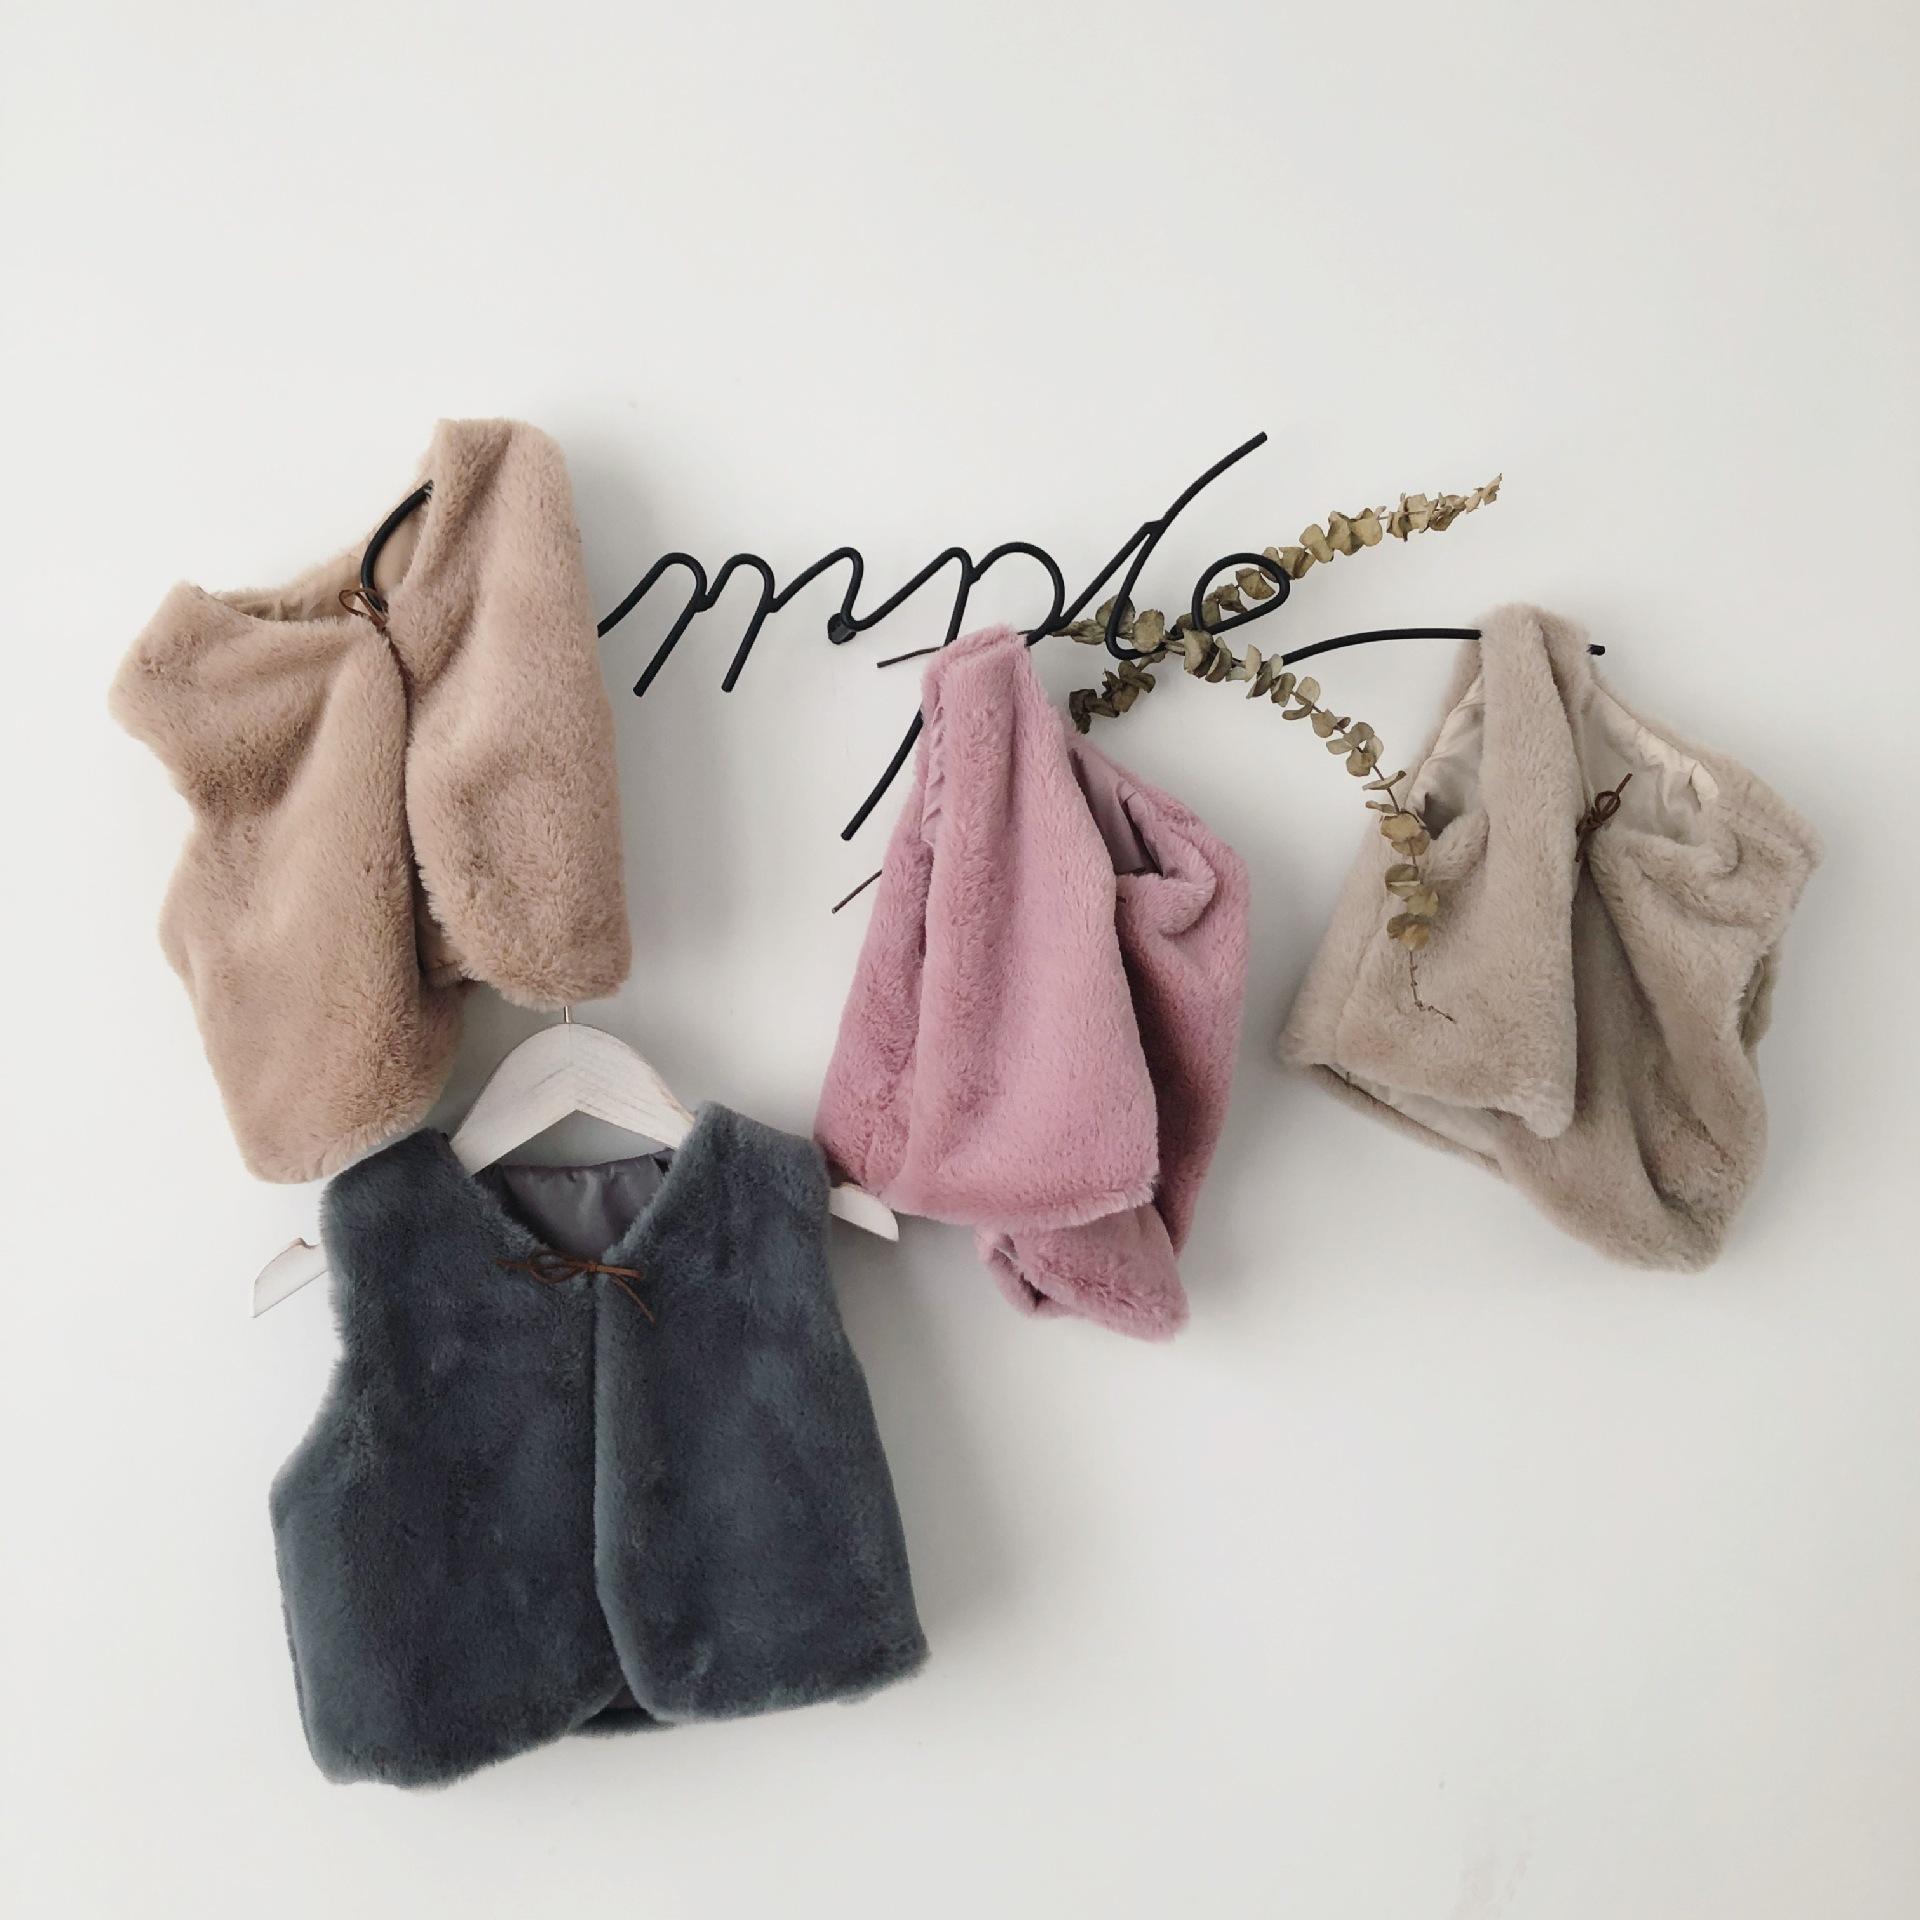 ce39d6c0d 2018 New Baby Girl Autumn Winter Clothes Faux Fur Vest Coats Warm ...